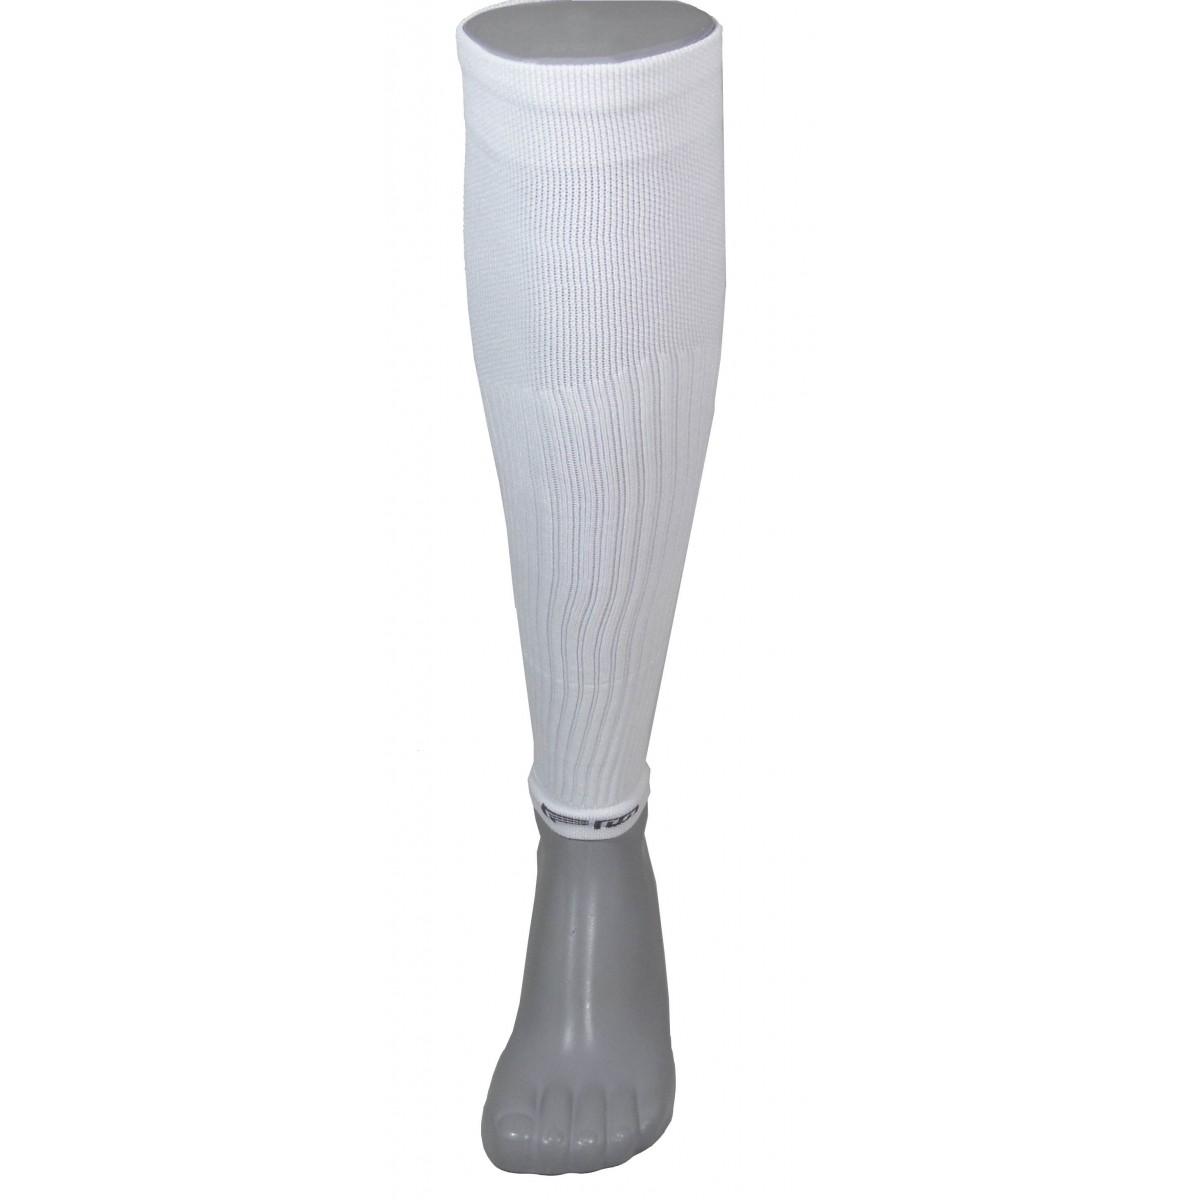 Canelito  de compressão liso - Branco